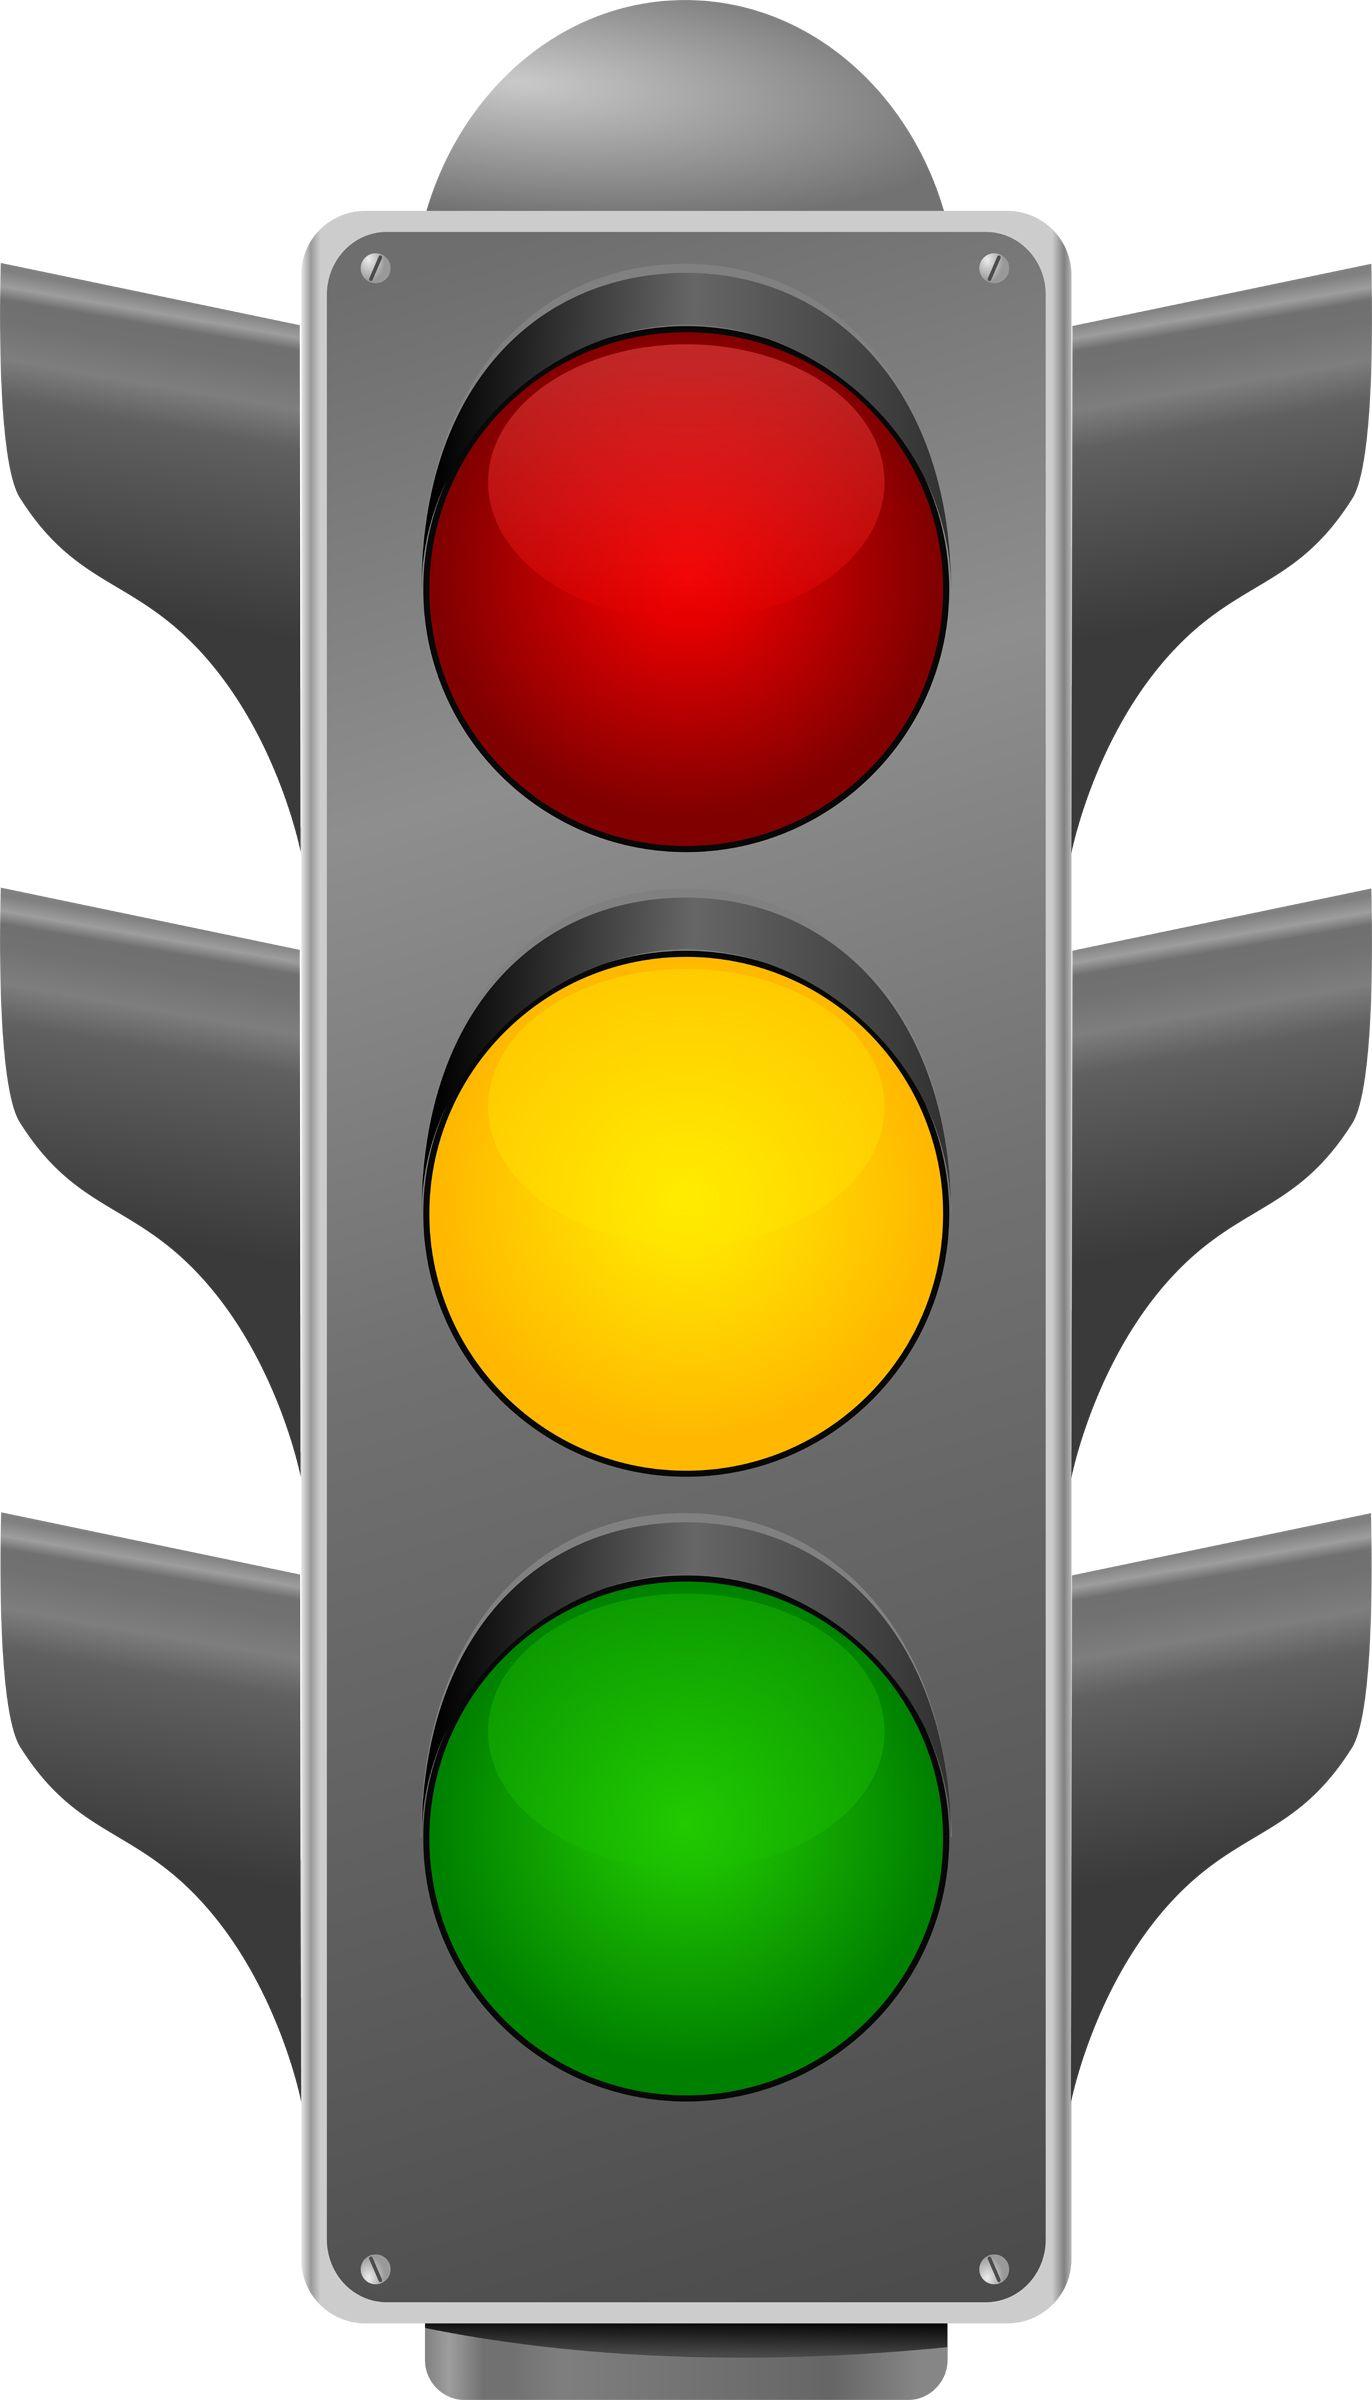 रेड लाइट